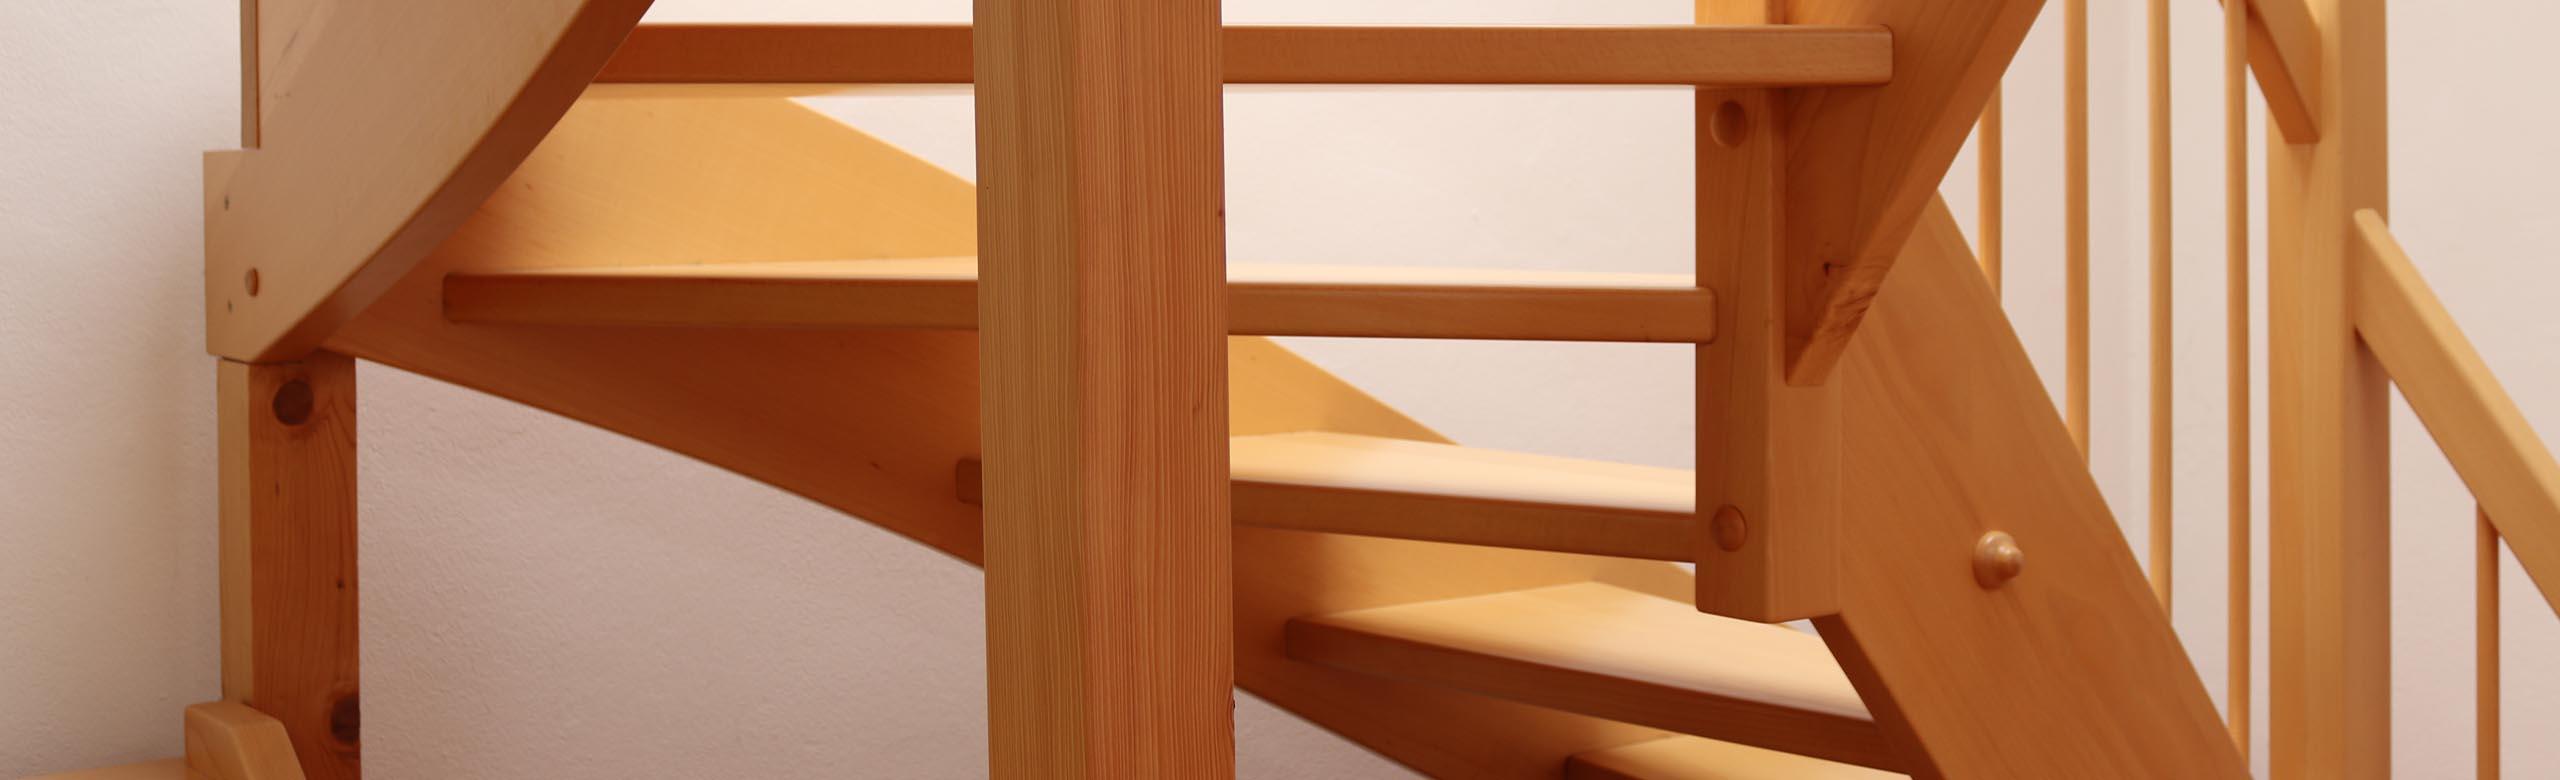 Treppenbau, holz massiv